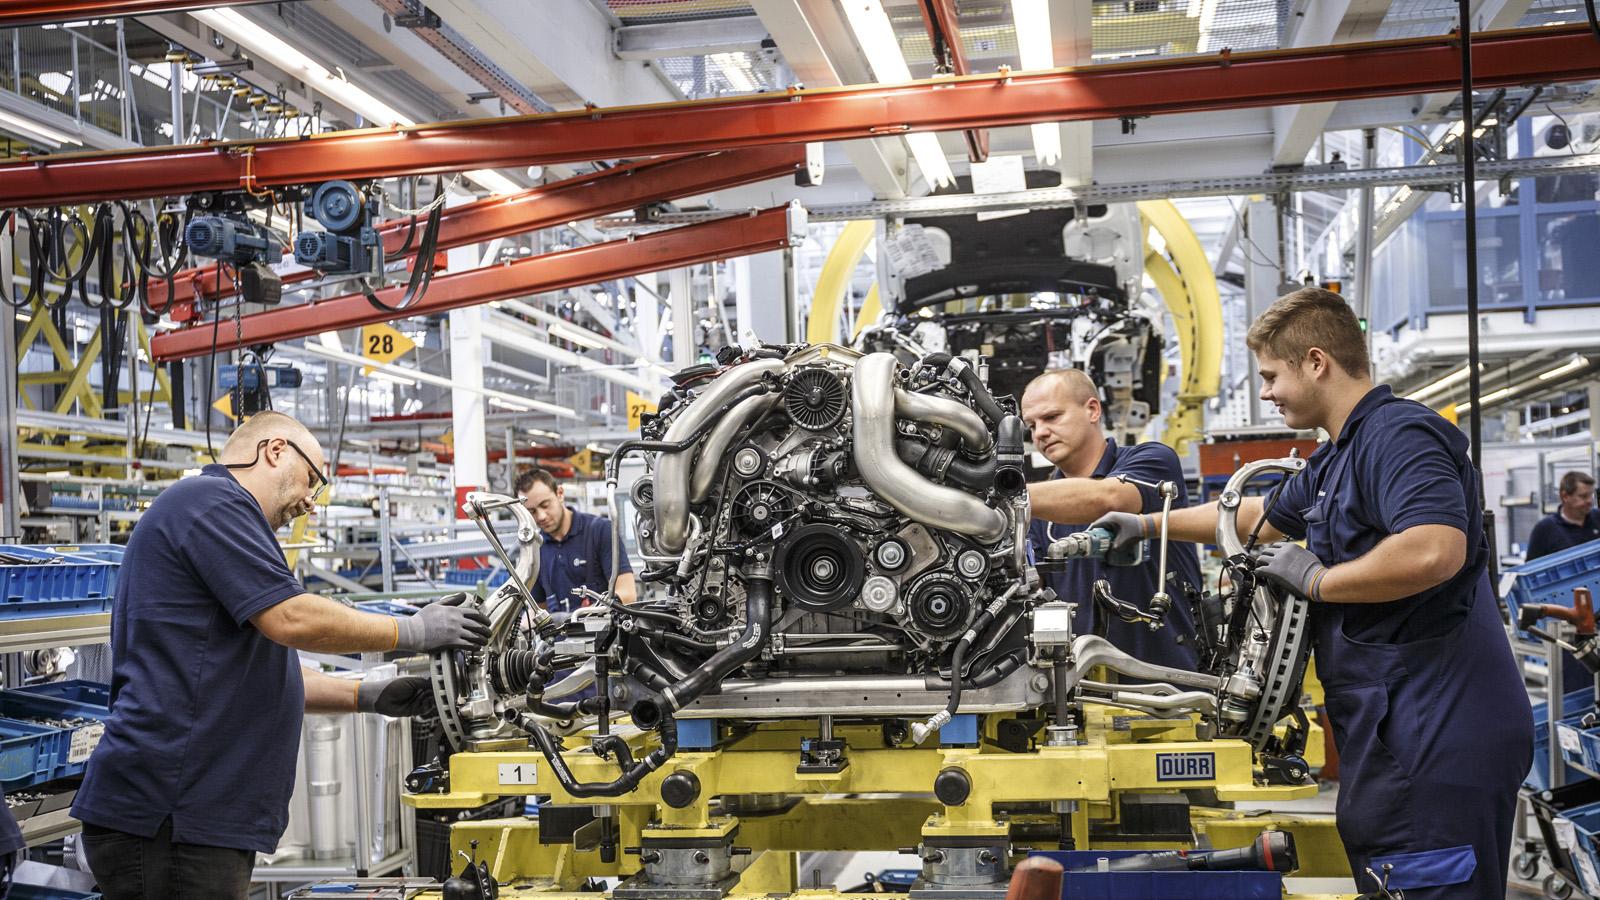 Trong năm 2014, Mercedes-Benz đang quản lý 18 mẫu xe được sản xuất tại 8 nhà máy trên khắp thế giới